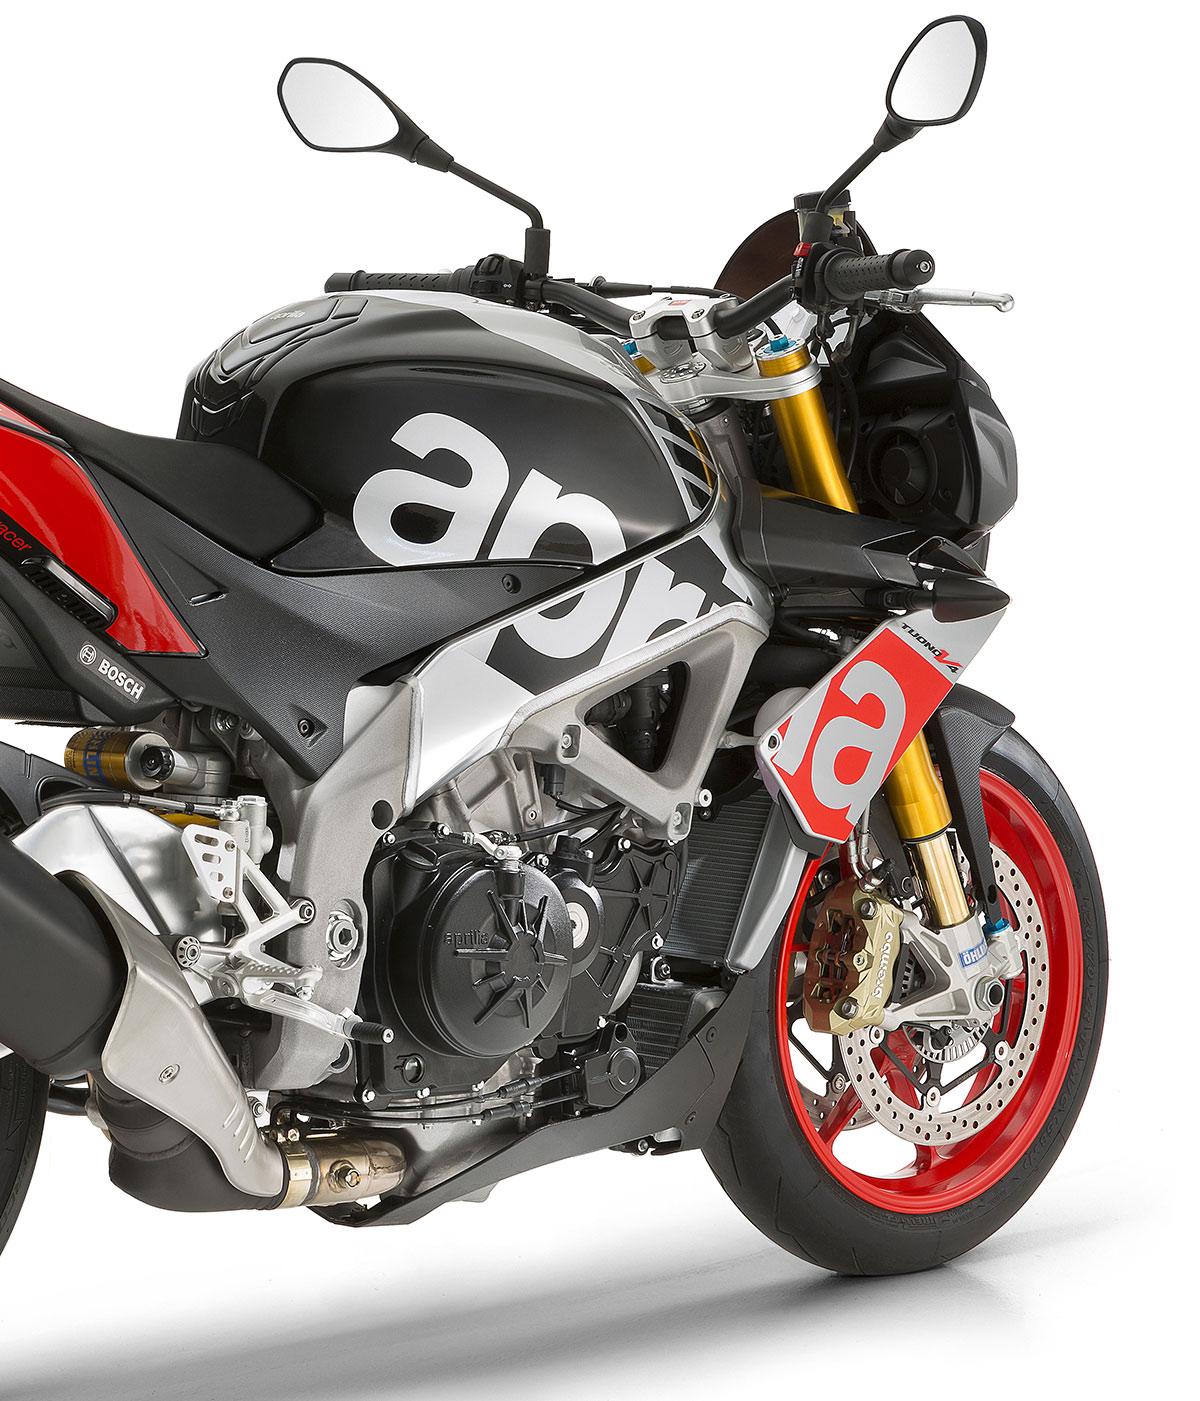 Moto Tuono V4 1100 RR color negro y gris con detalles en rojo.Electrónica completamente revisada de Aprilia